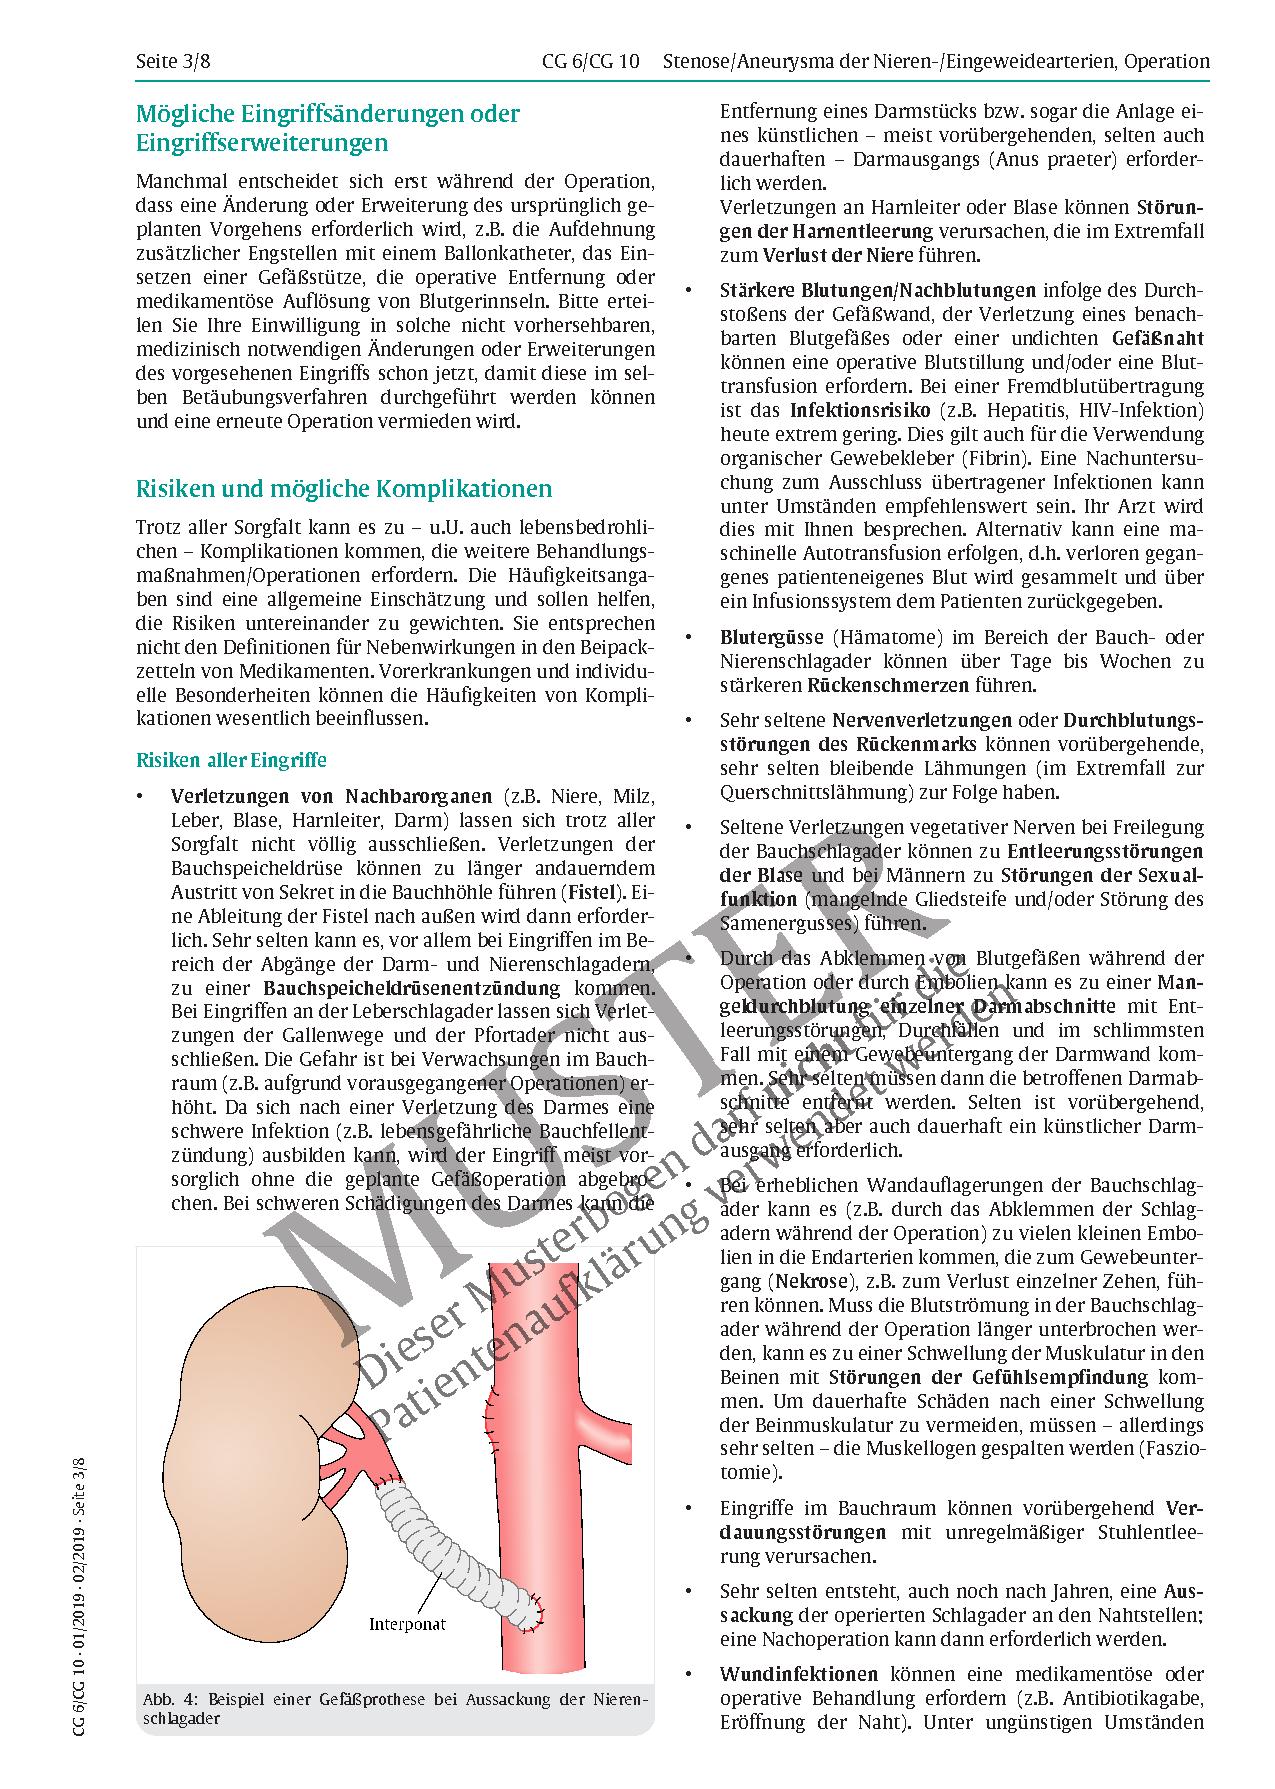 Großzügig Wo Nieren In Körper Ideen - Anatomie Ideen - finotti.info